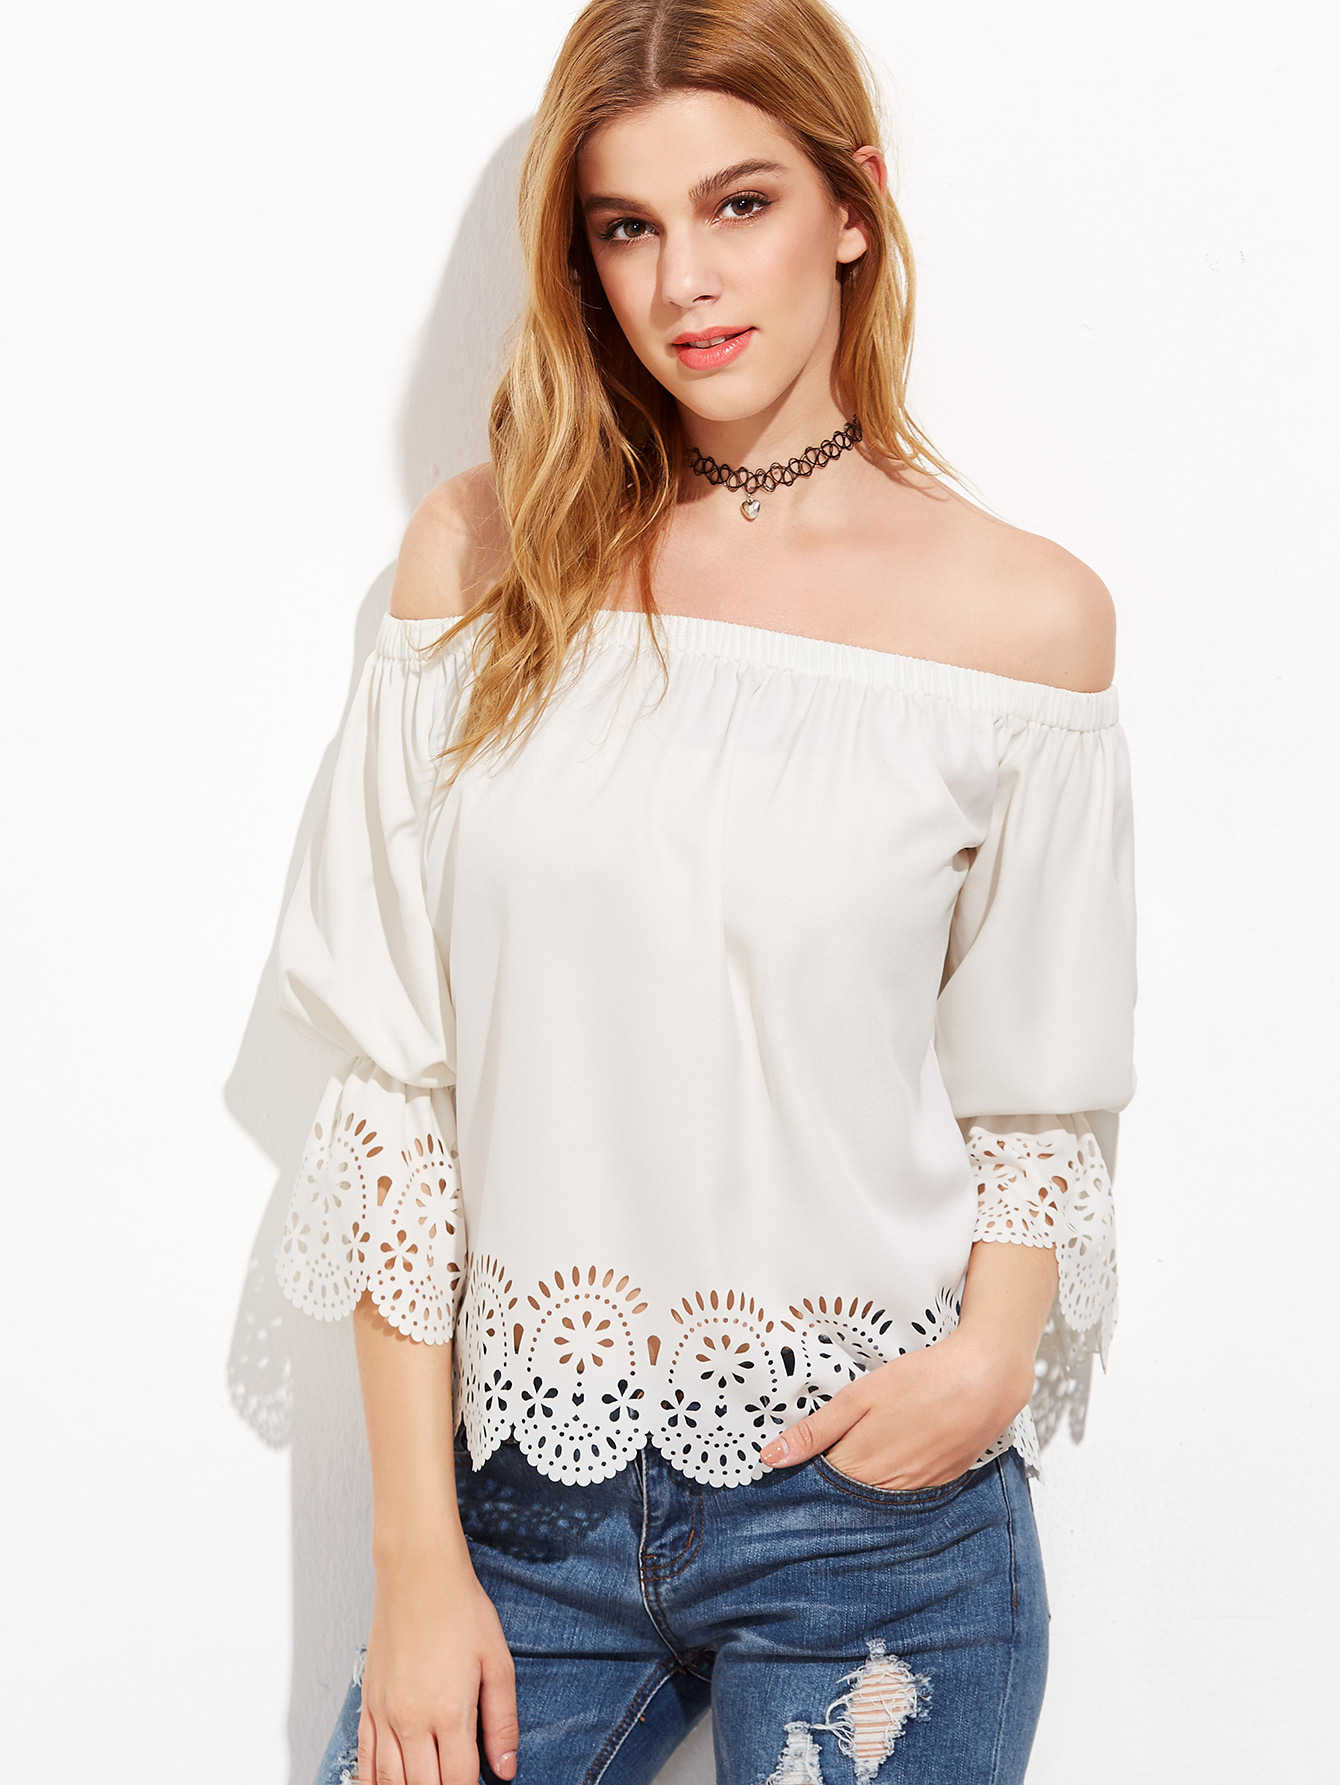 Бижутерия под блузку с открытыми плечами